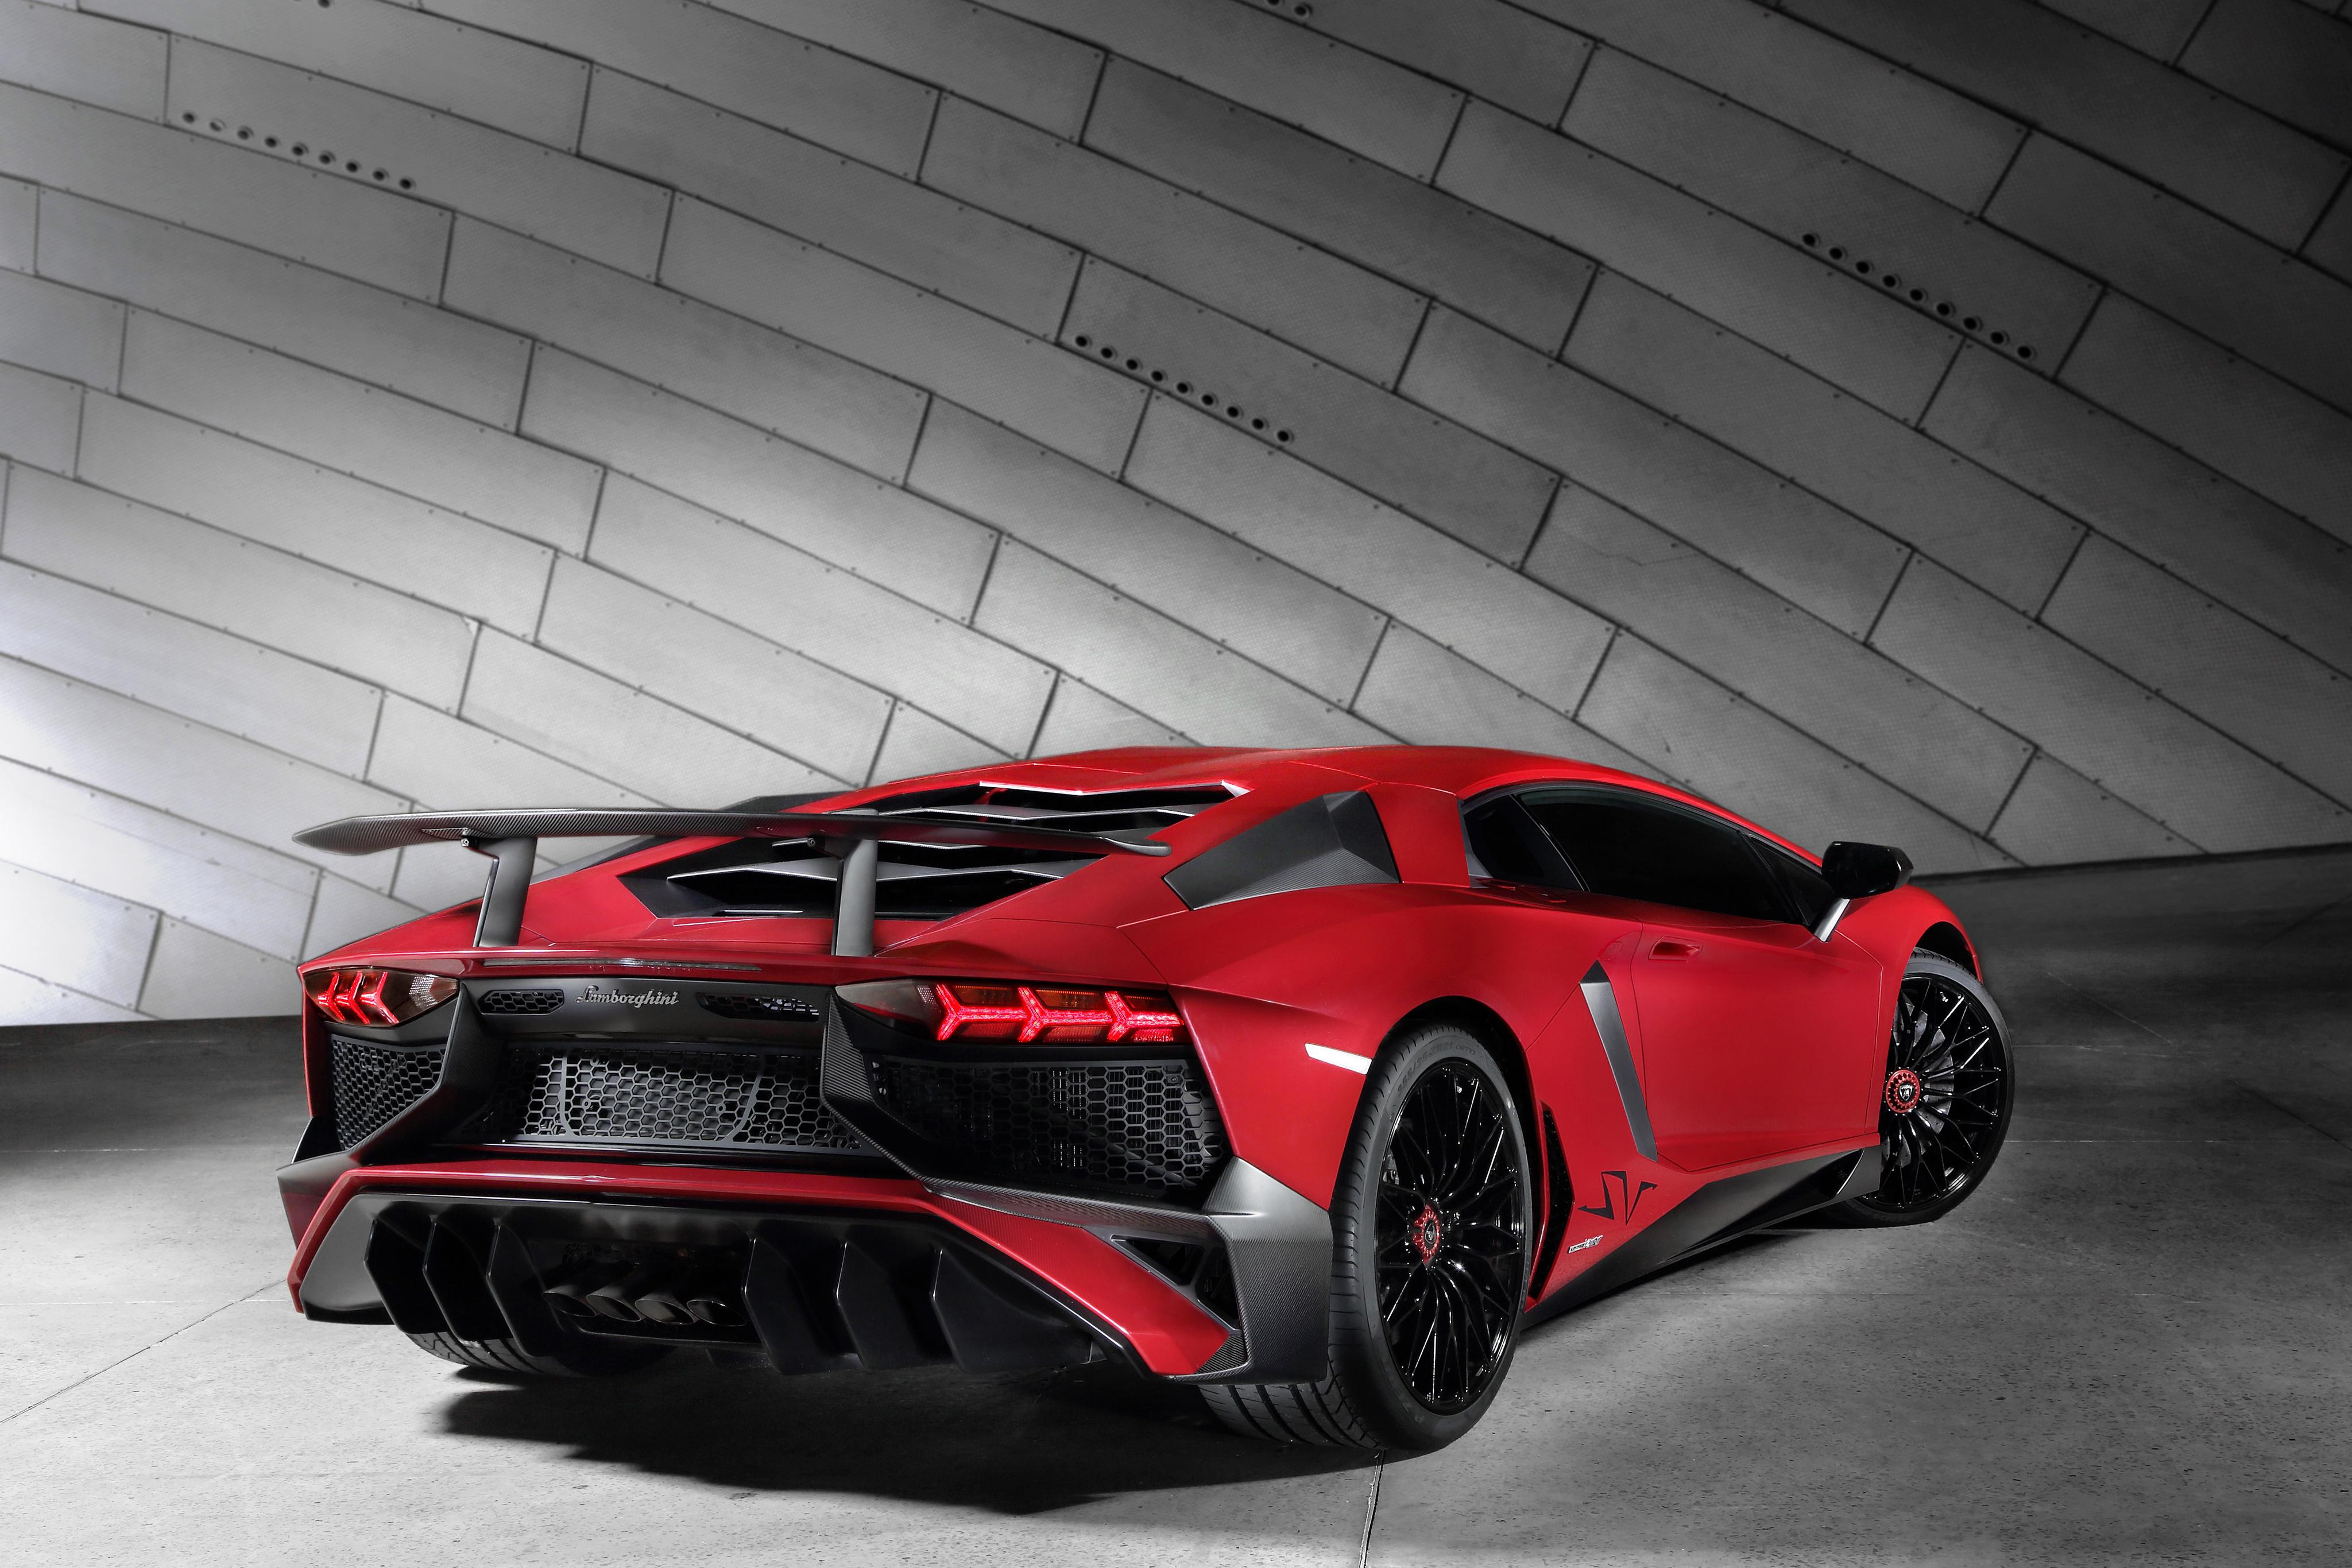 68222 Заставки и Обои Ламборджини (Lamborghini) на телефон. Скачать Ламборджини (Lamborghini), Тачки (Cars), Aventador, Lp 750-4, 2015 картинки бесплатно